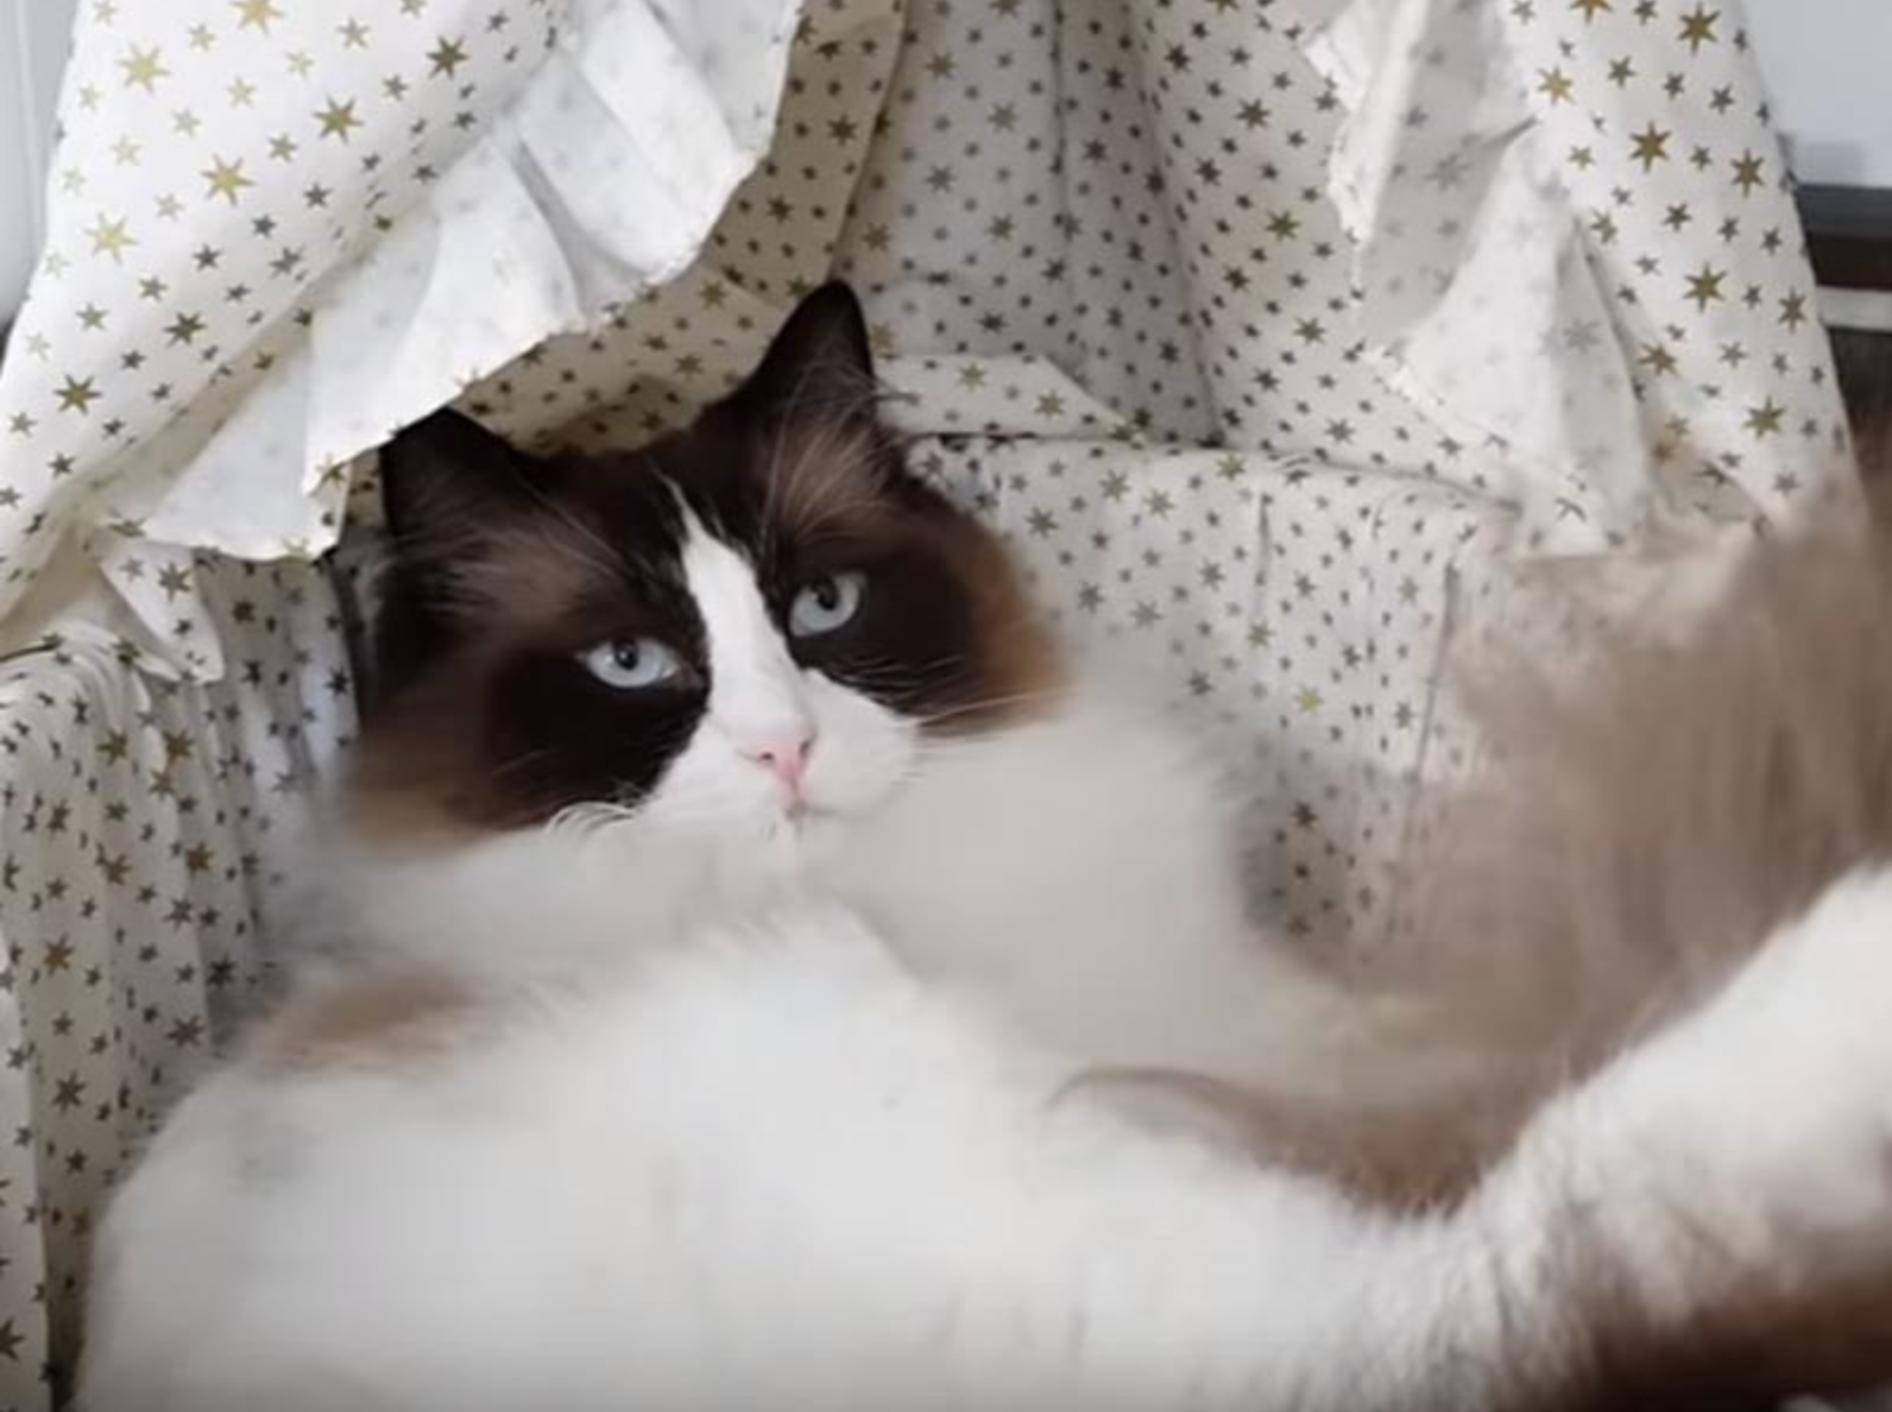 Ragdoll-Kater Timo findet sein neues Puppenbett äußerst bequem – YouTube/Xiedubbel